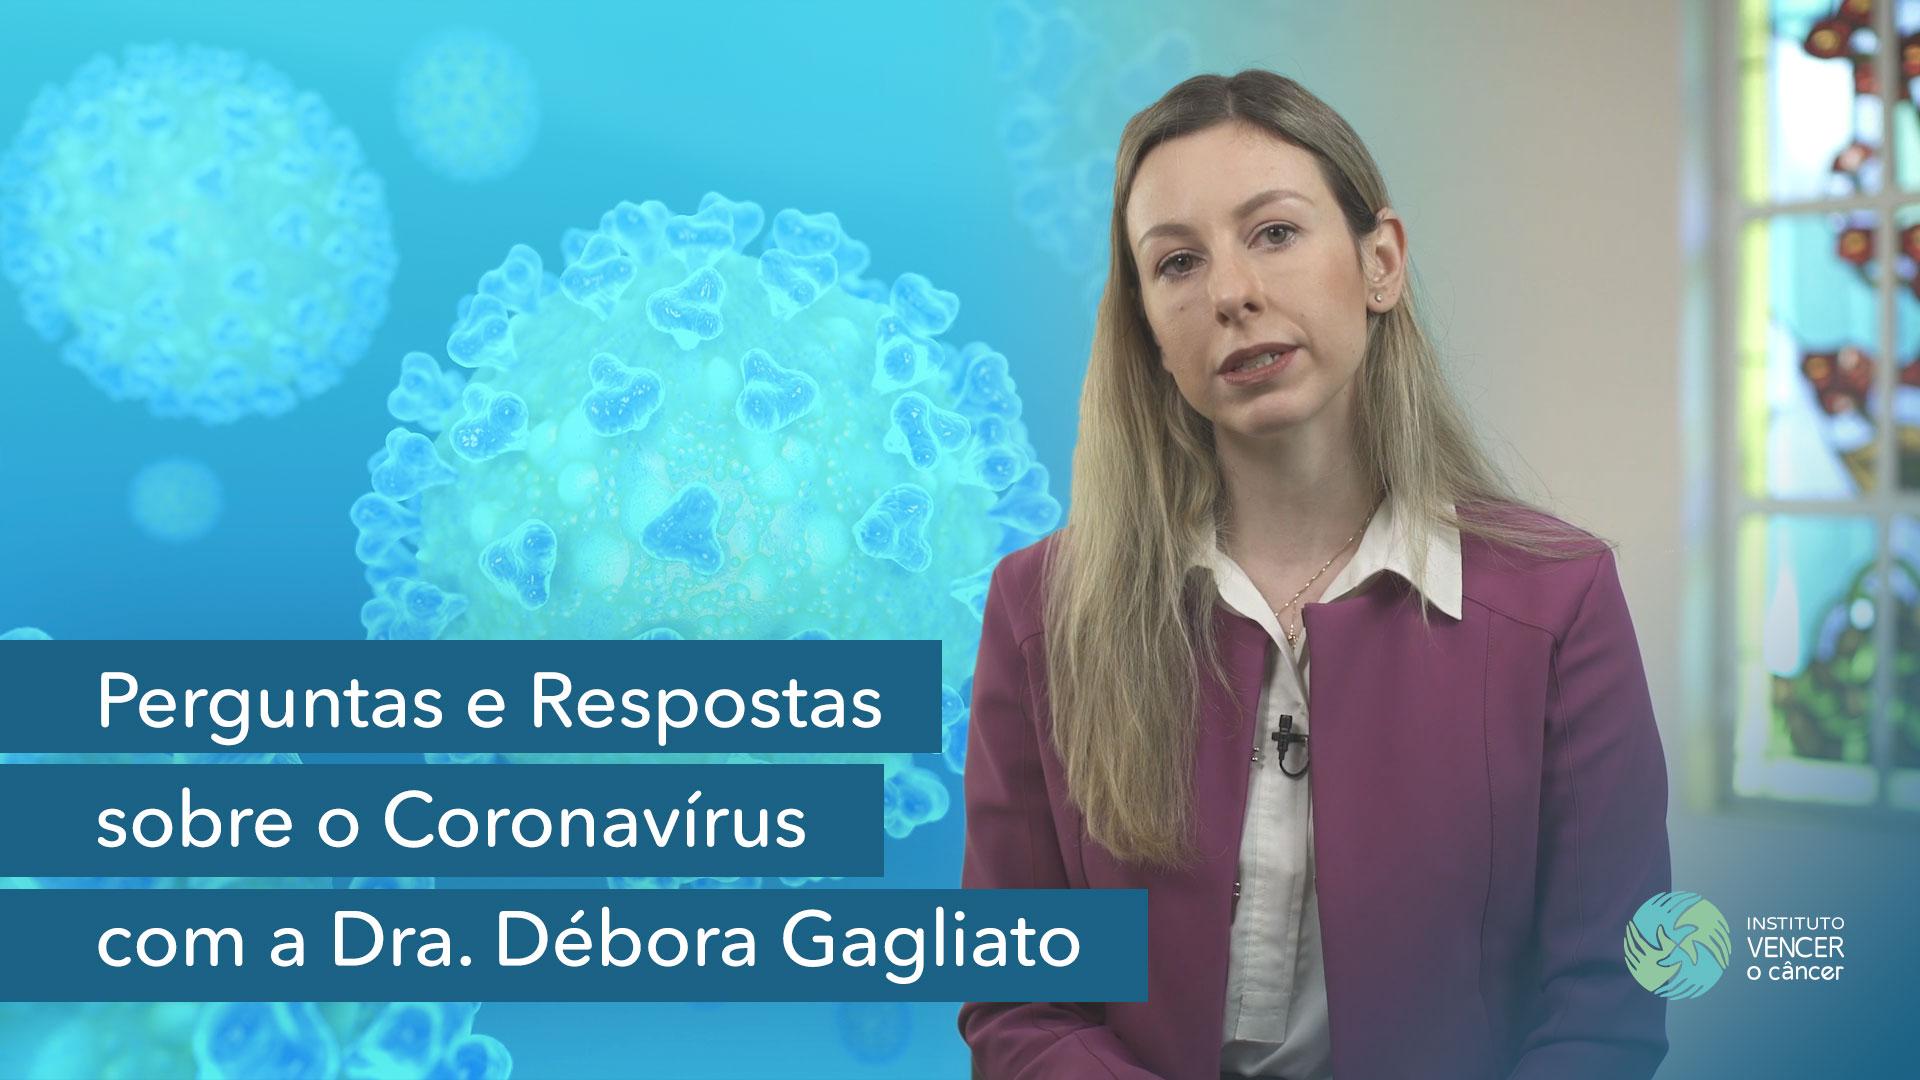 Perguntas e Respostas sobre o Coronavírus com a Dra. Débora Gagliato